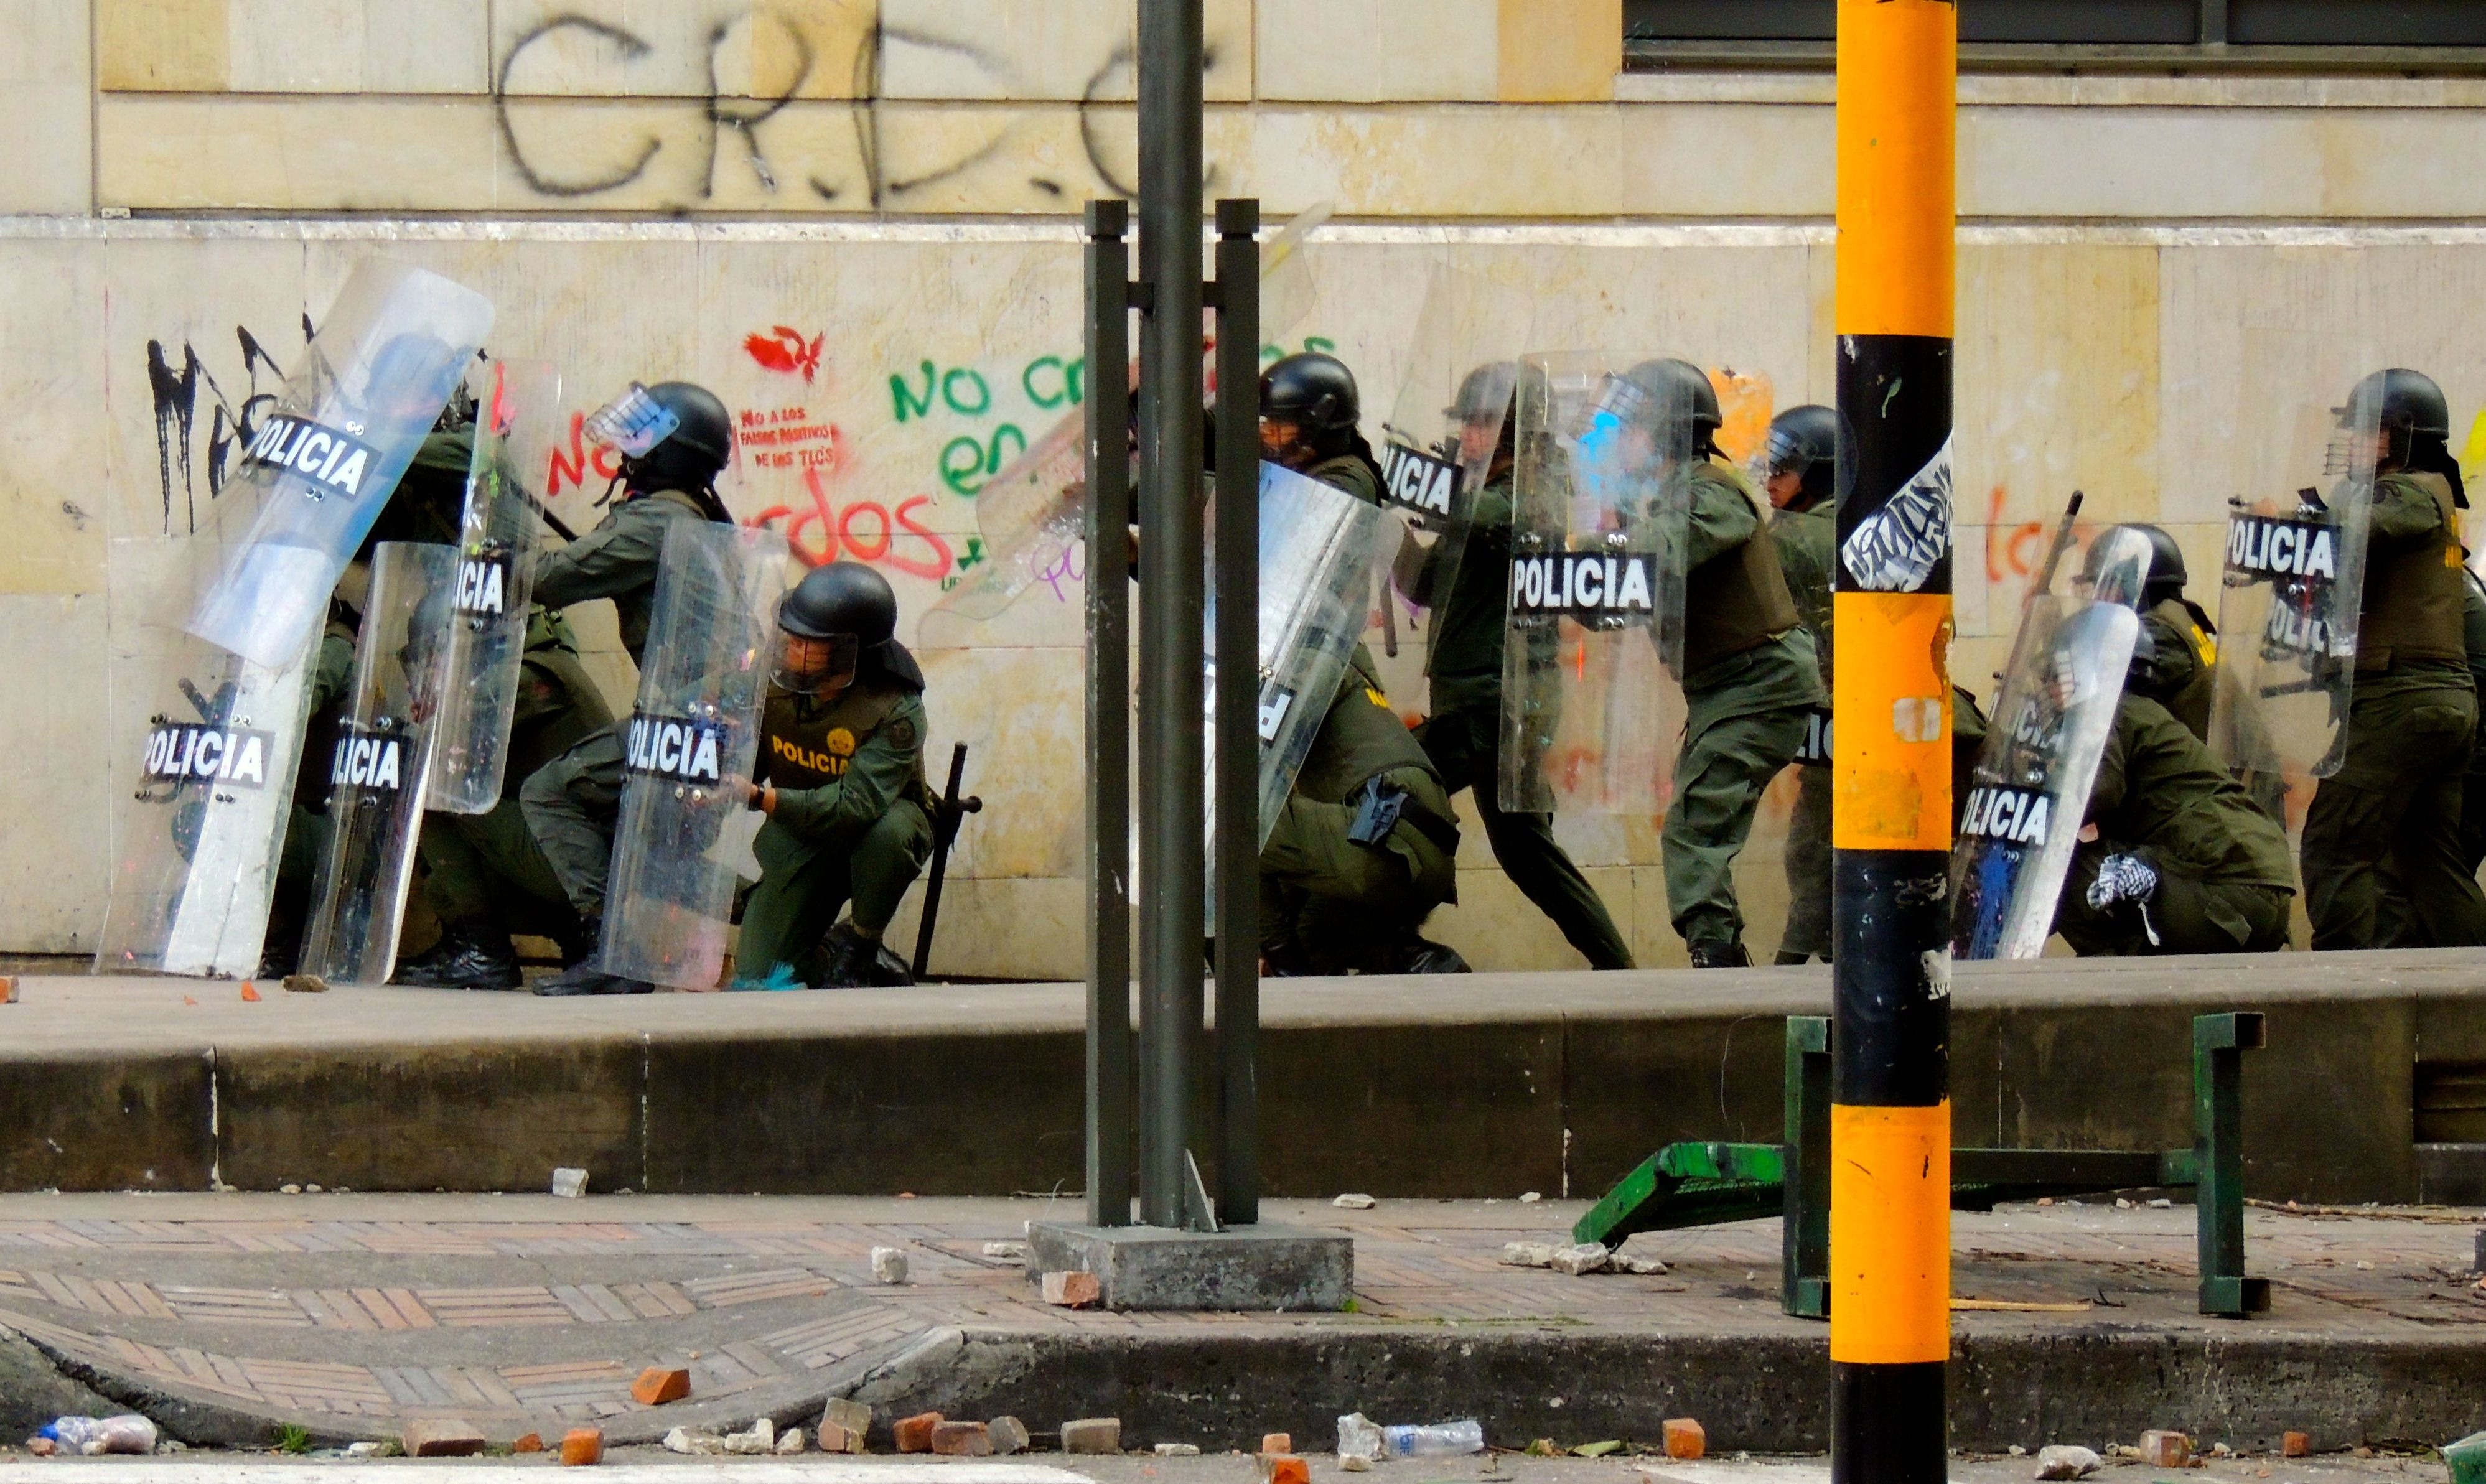 protest_bogota_police_riot%281%29.jpg